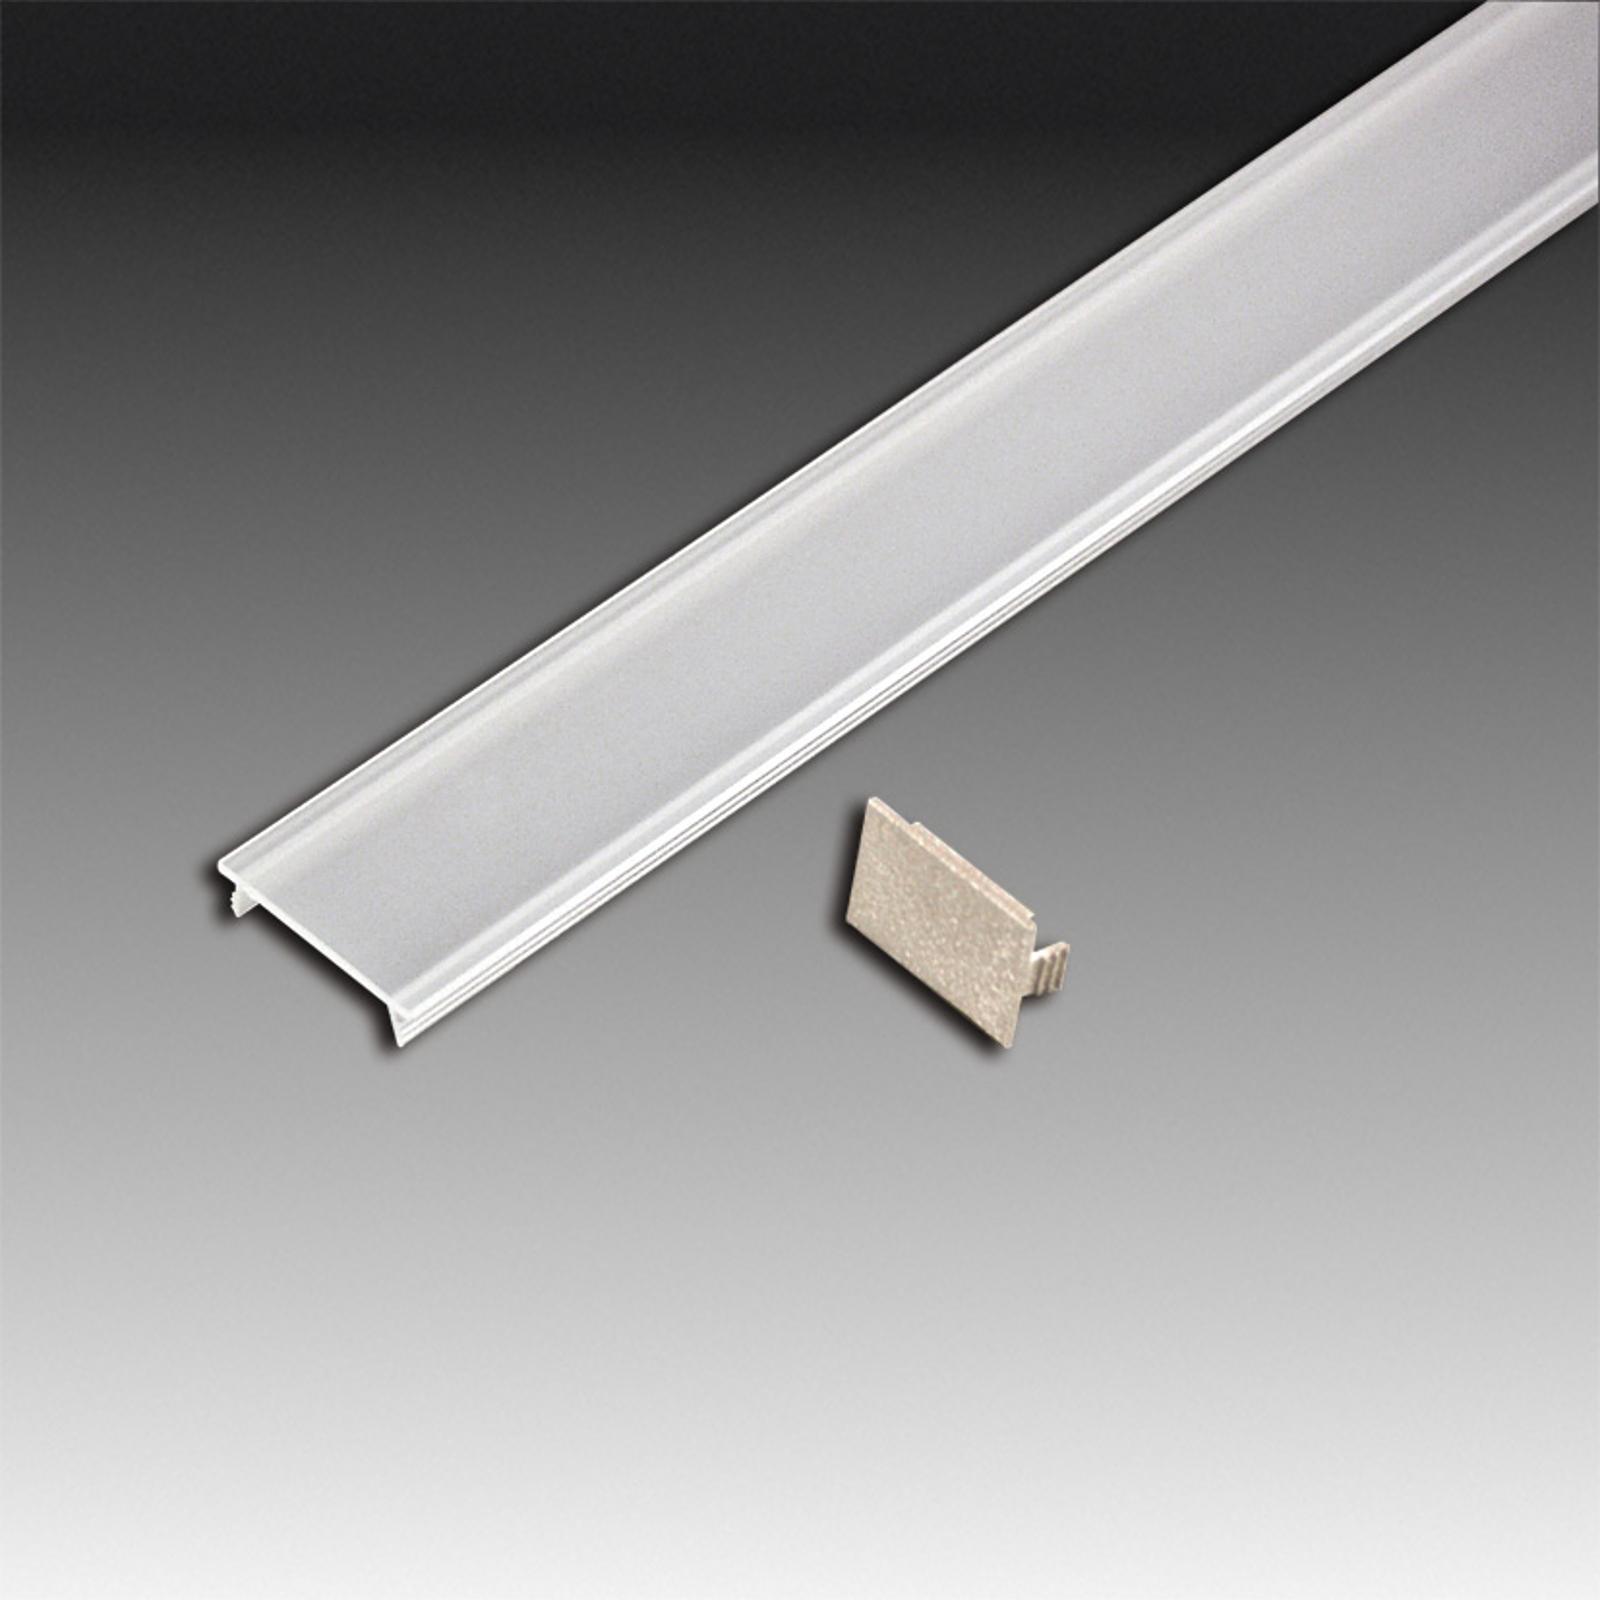 Couvercle frontal profilé de recouvr LED STICK 2